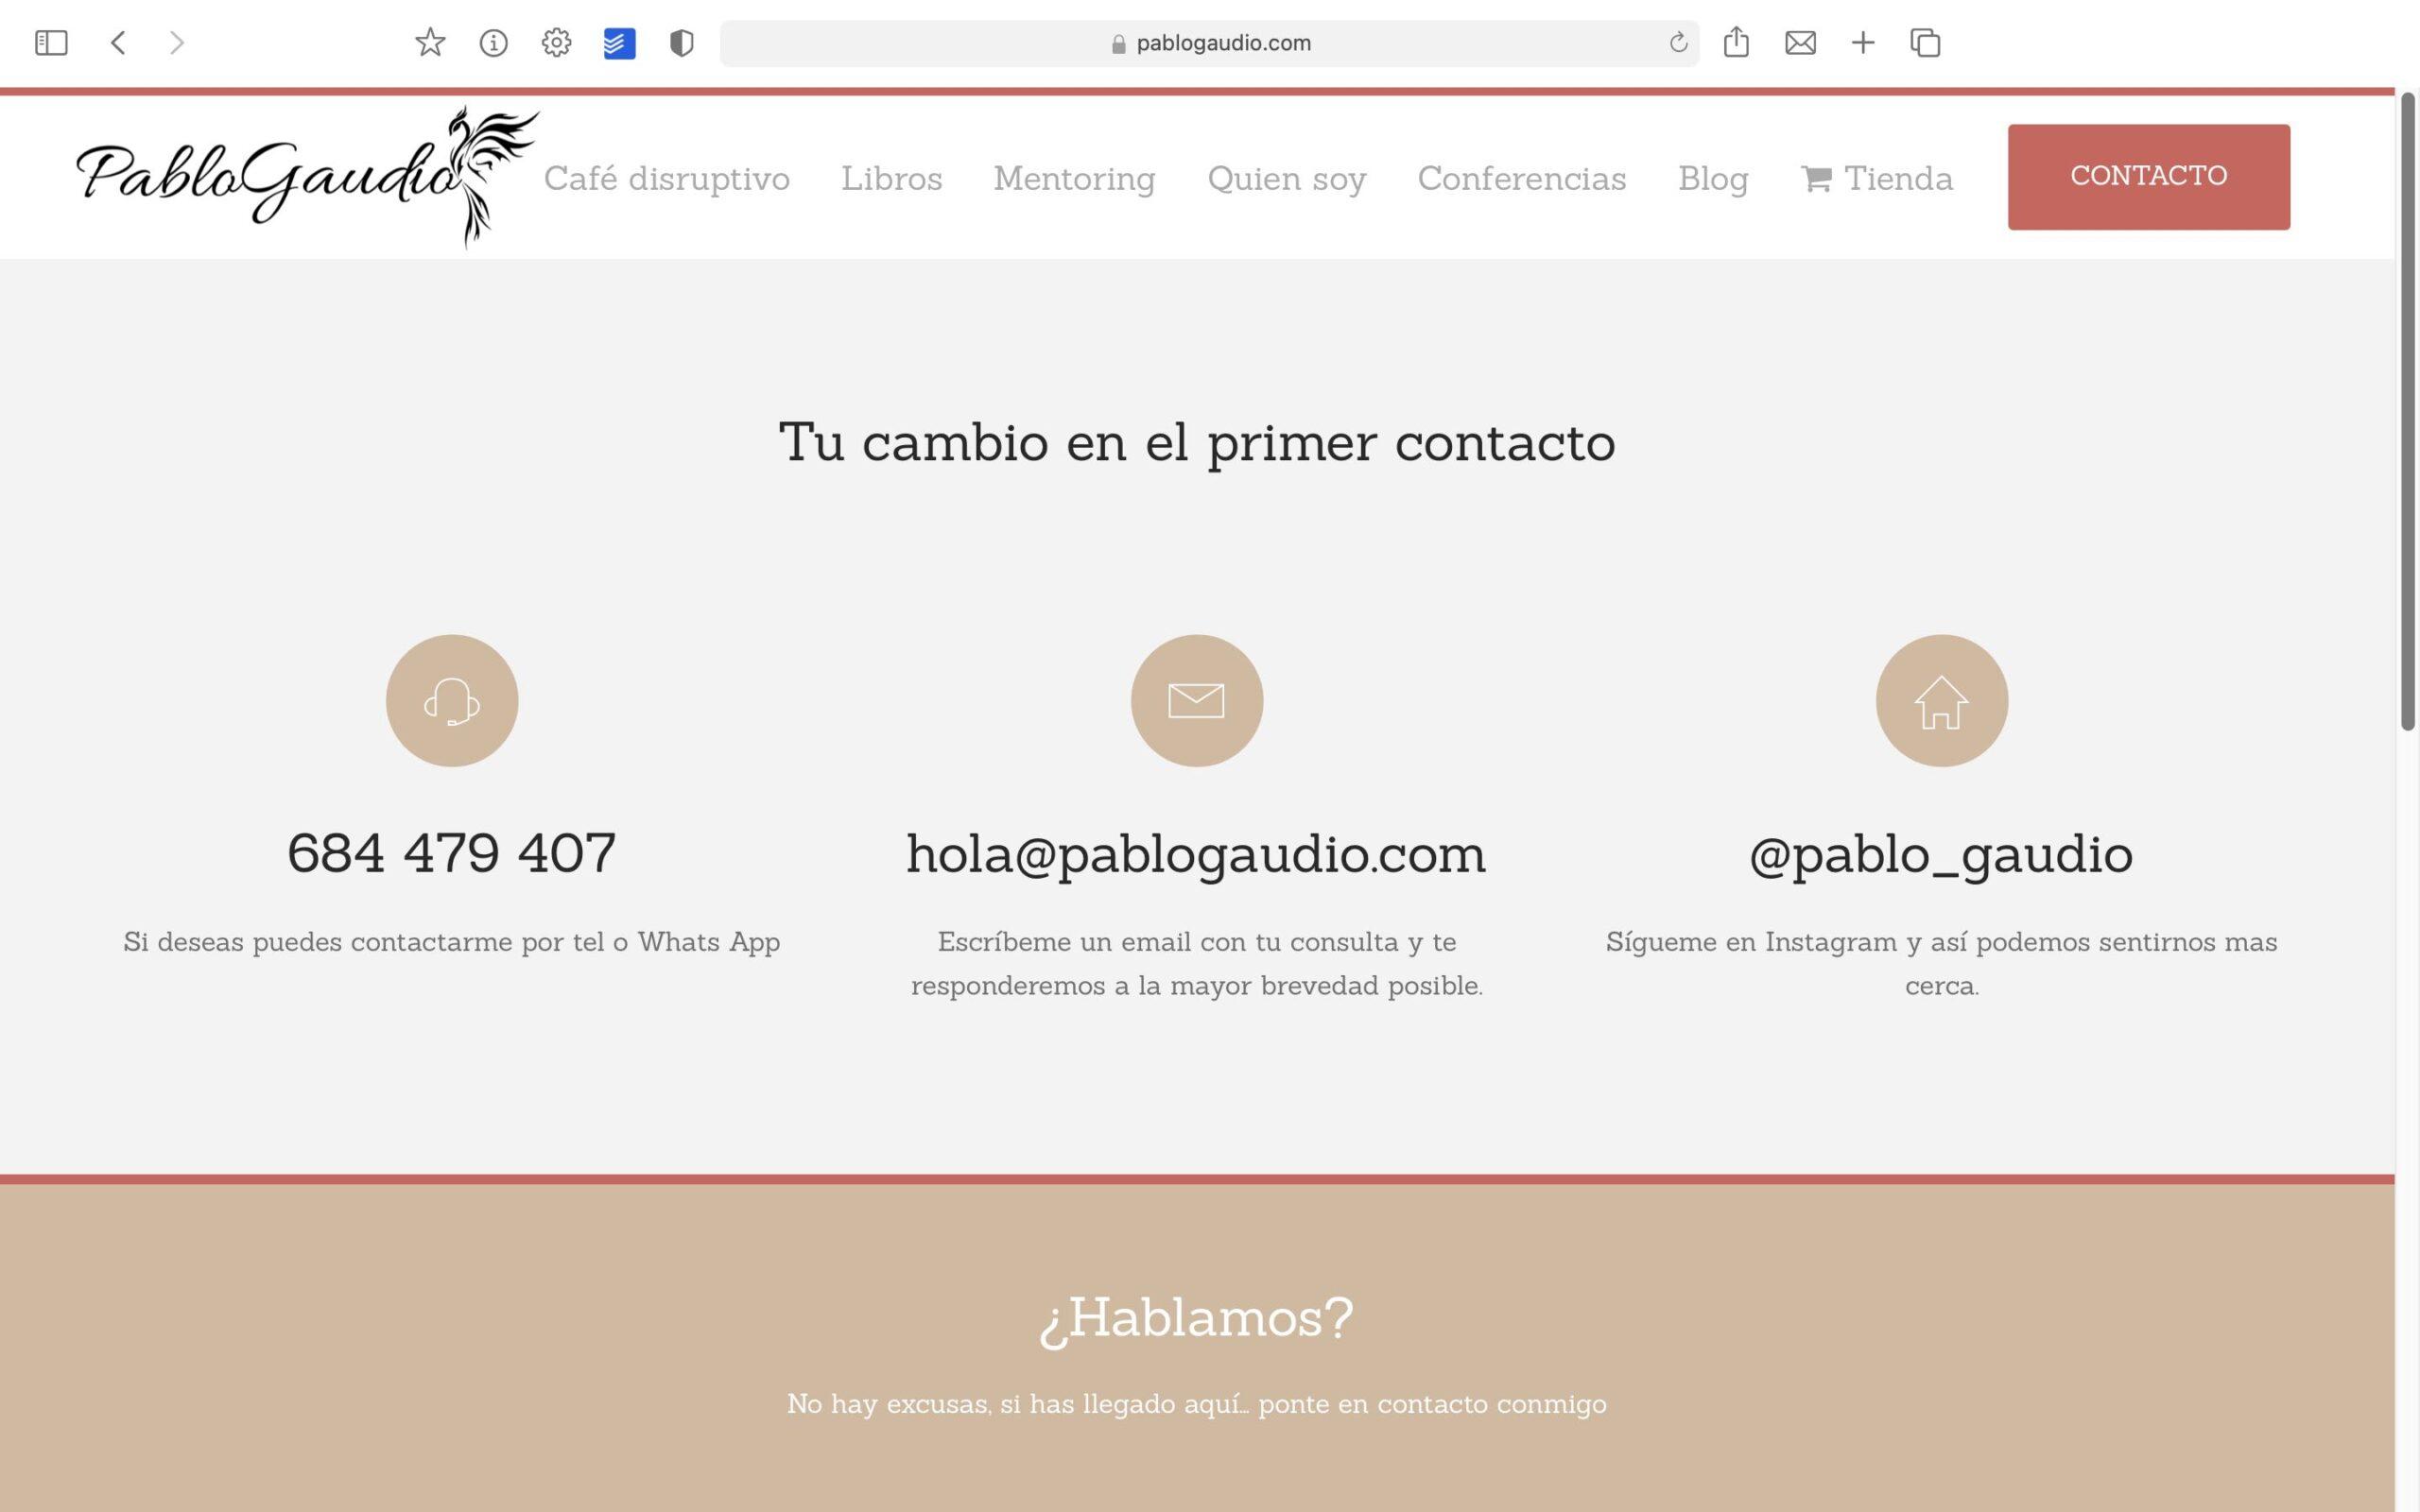 Pablo Gaudio Contacto Bolcreativo